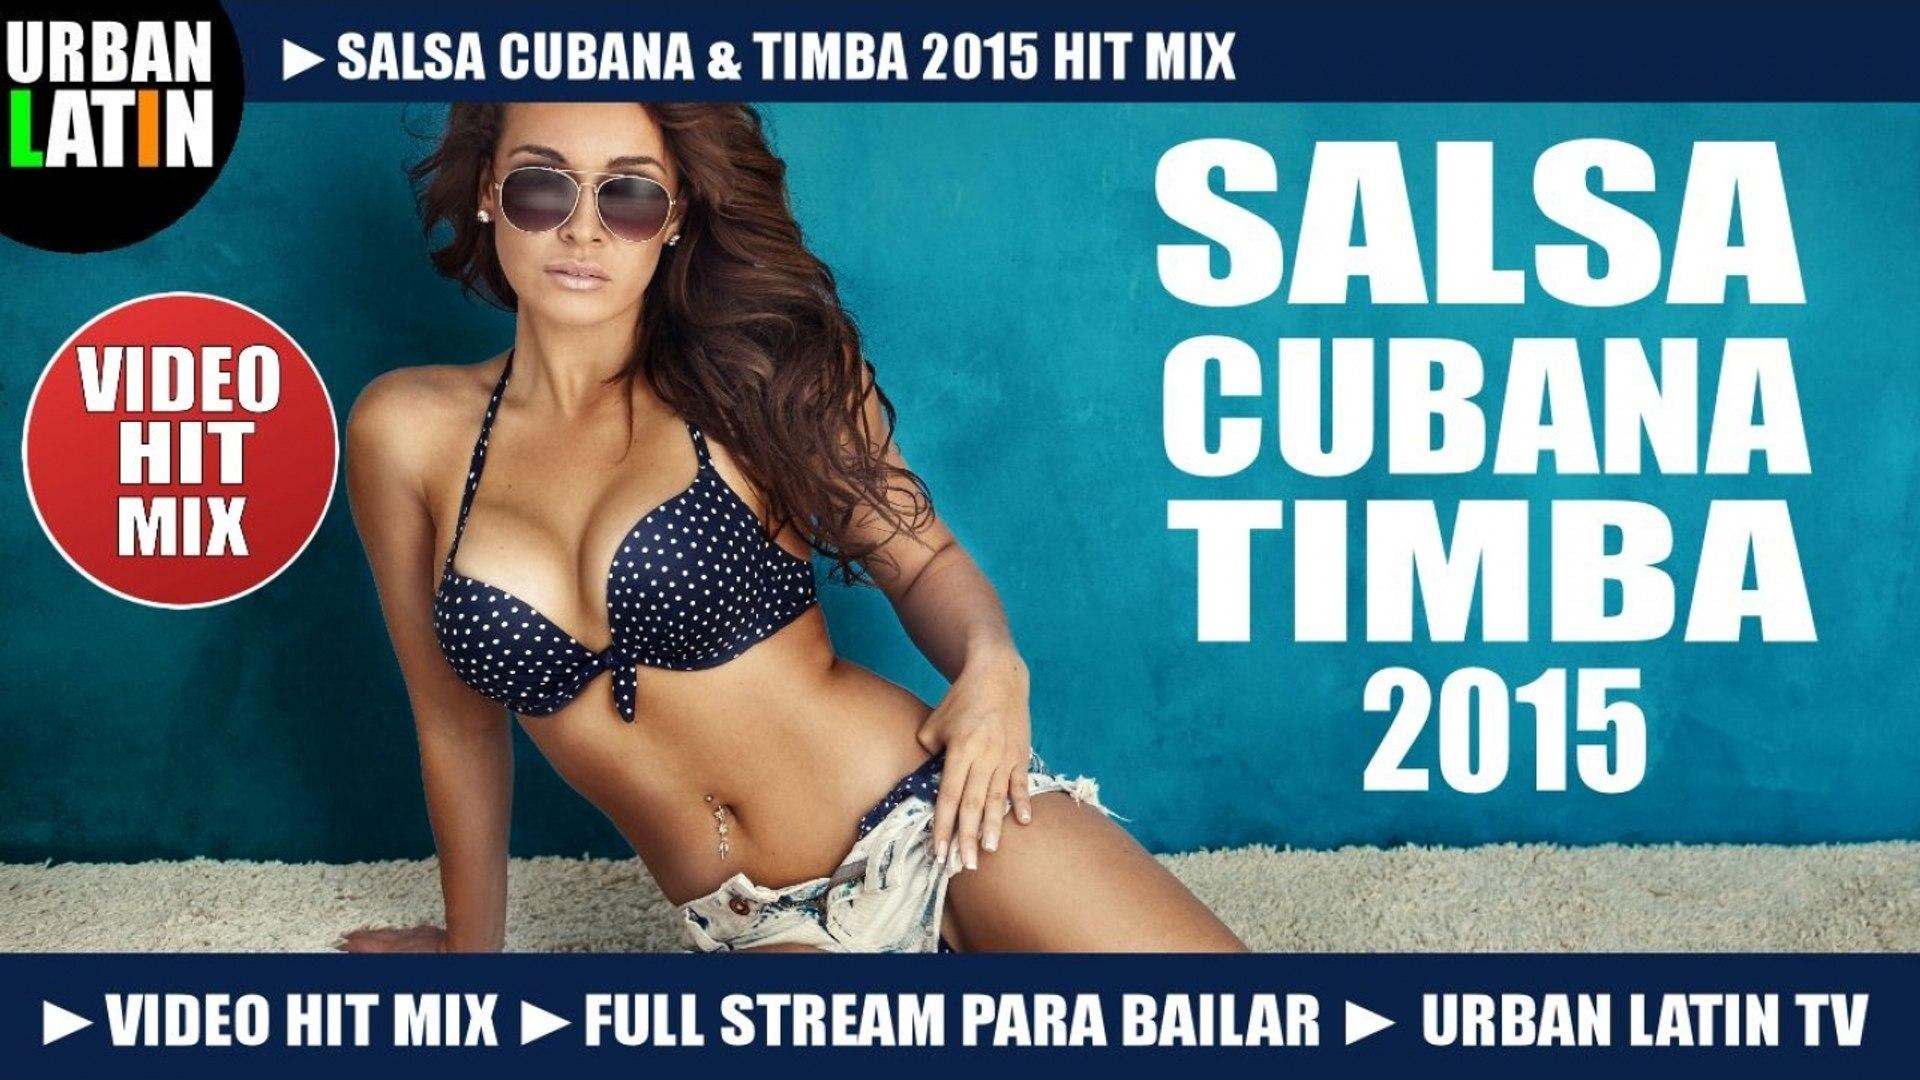 SALSA CUBANA 2015 ► TIMBA HITS 2015 ► VIDEO HIT MIX ► LO MEJOR DE CUBA 2015